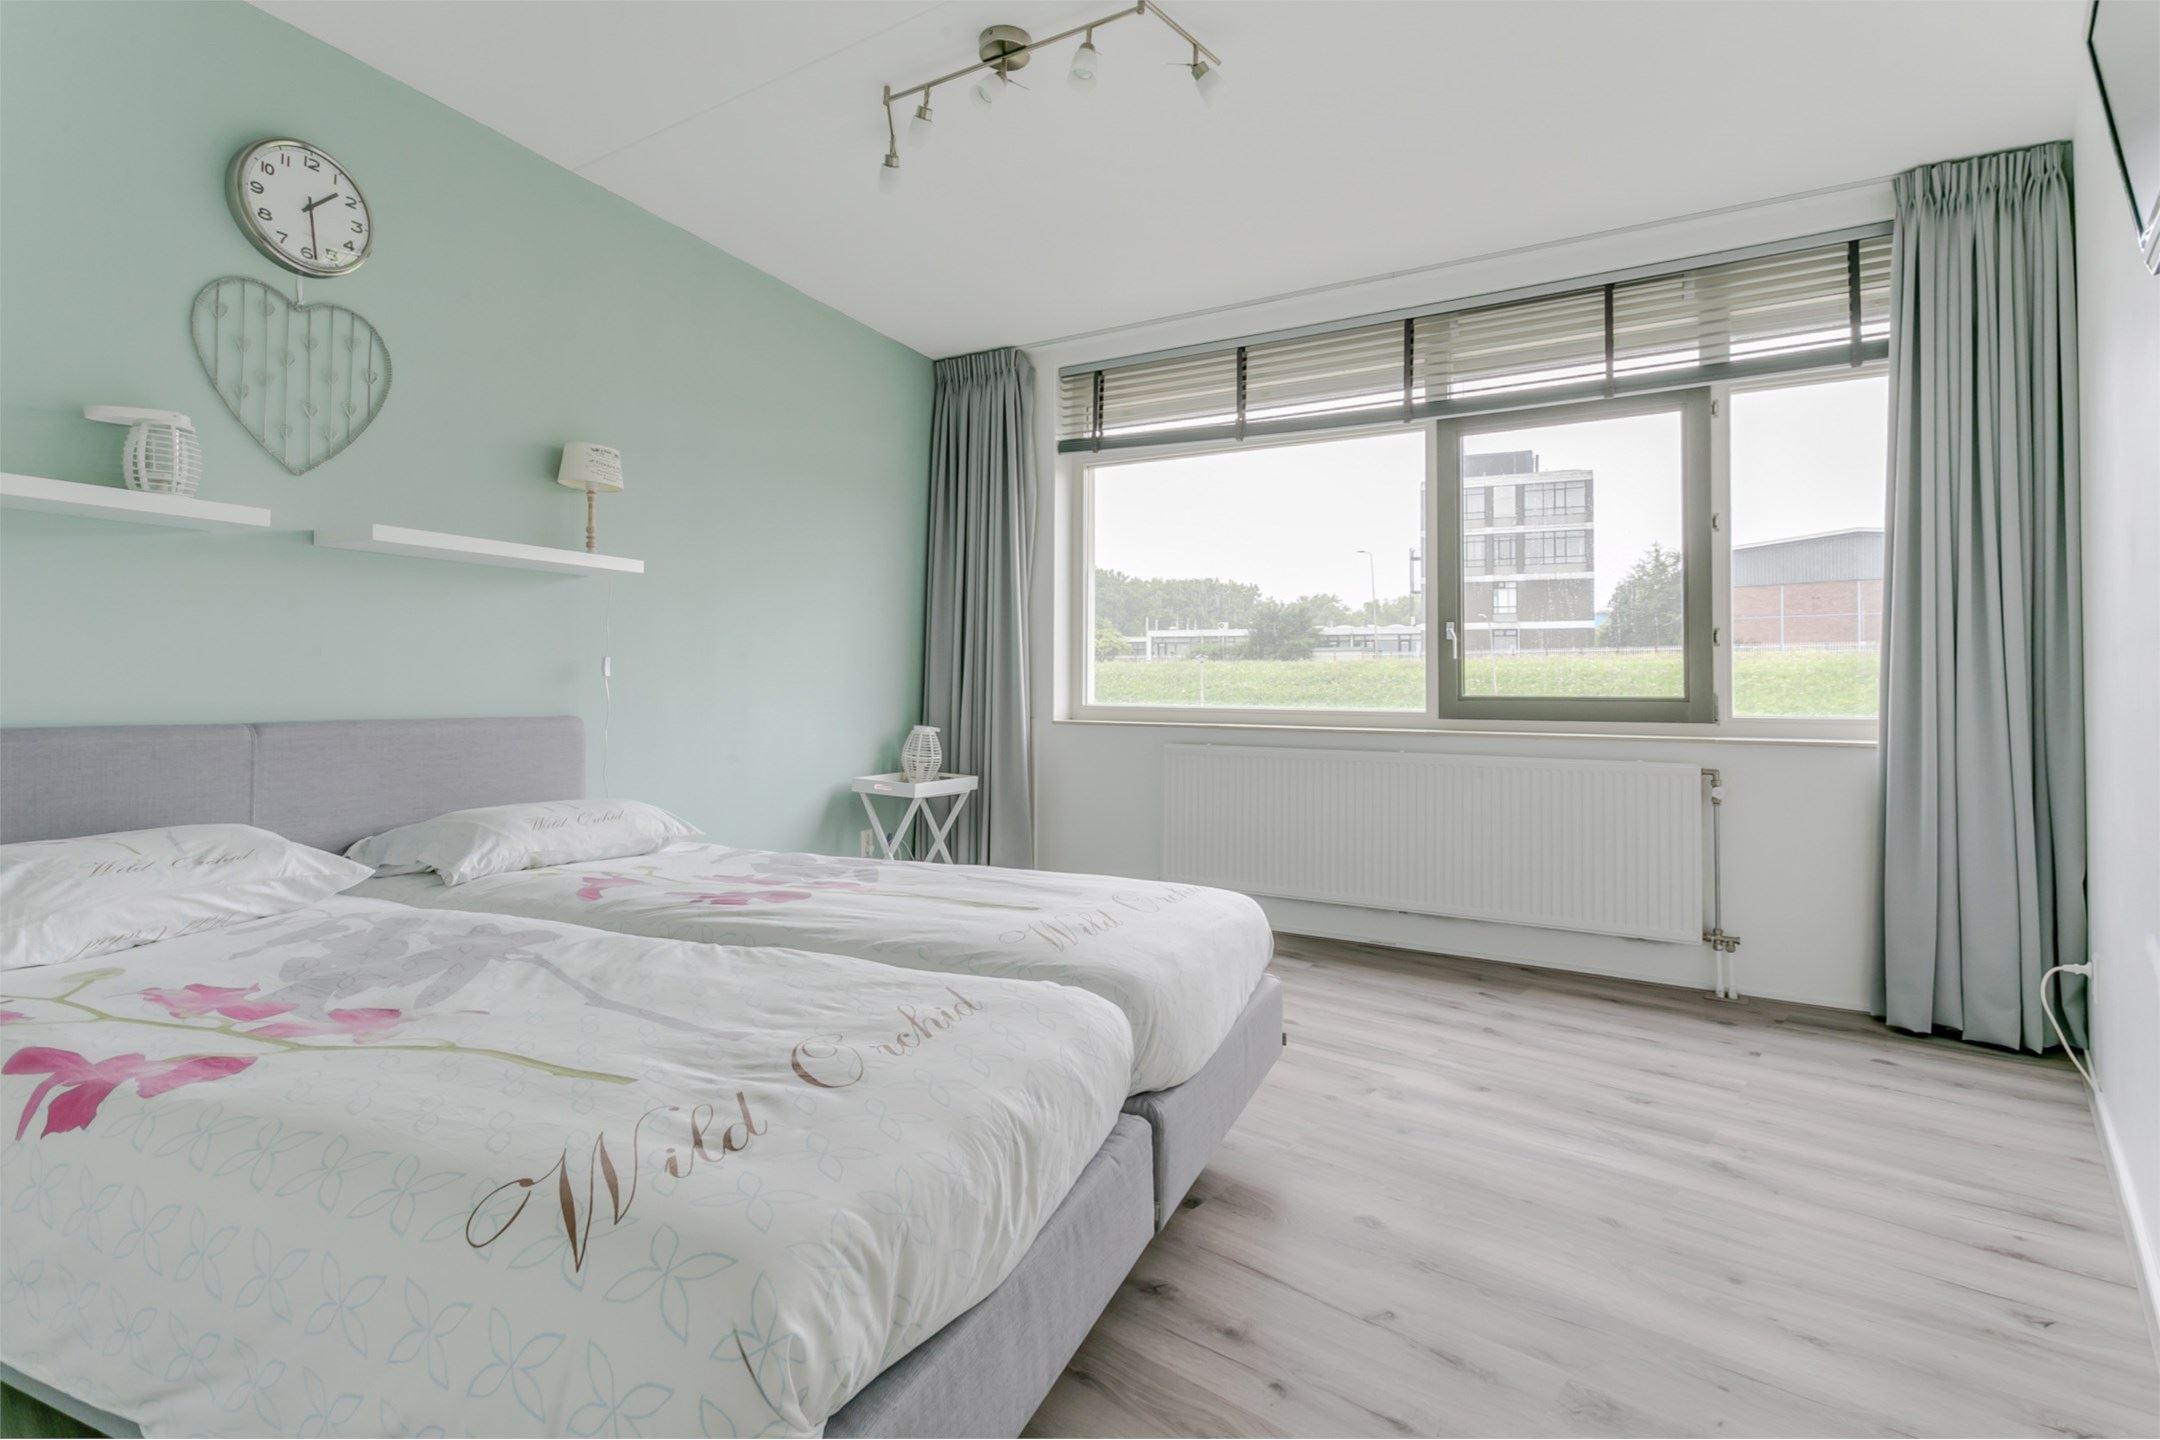 House for sale: gerrit kögelerstraat 56 3333 be zwijndrecht [funda]